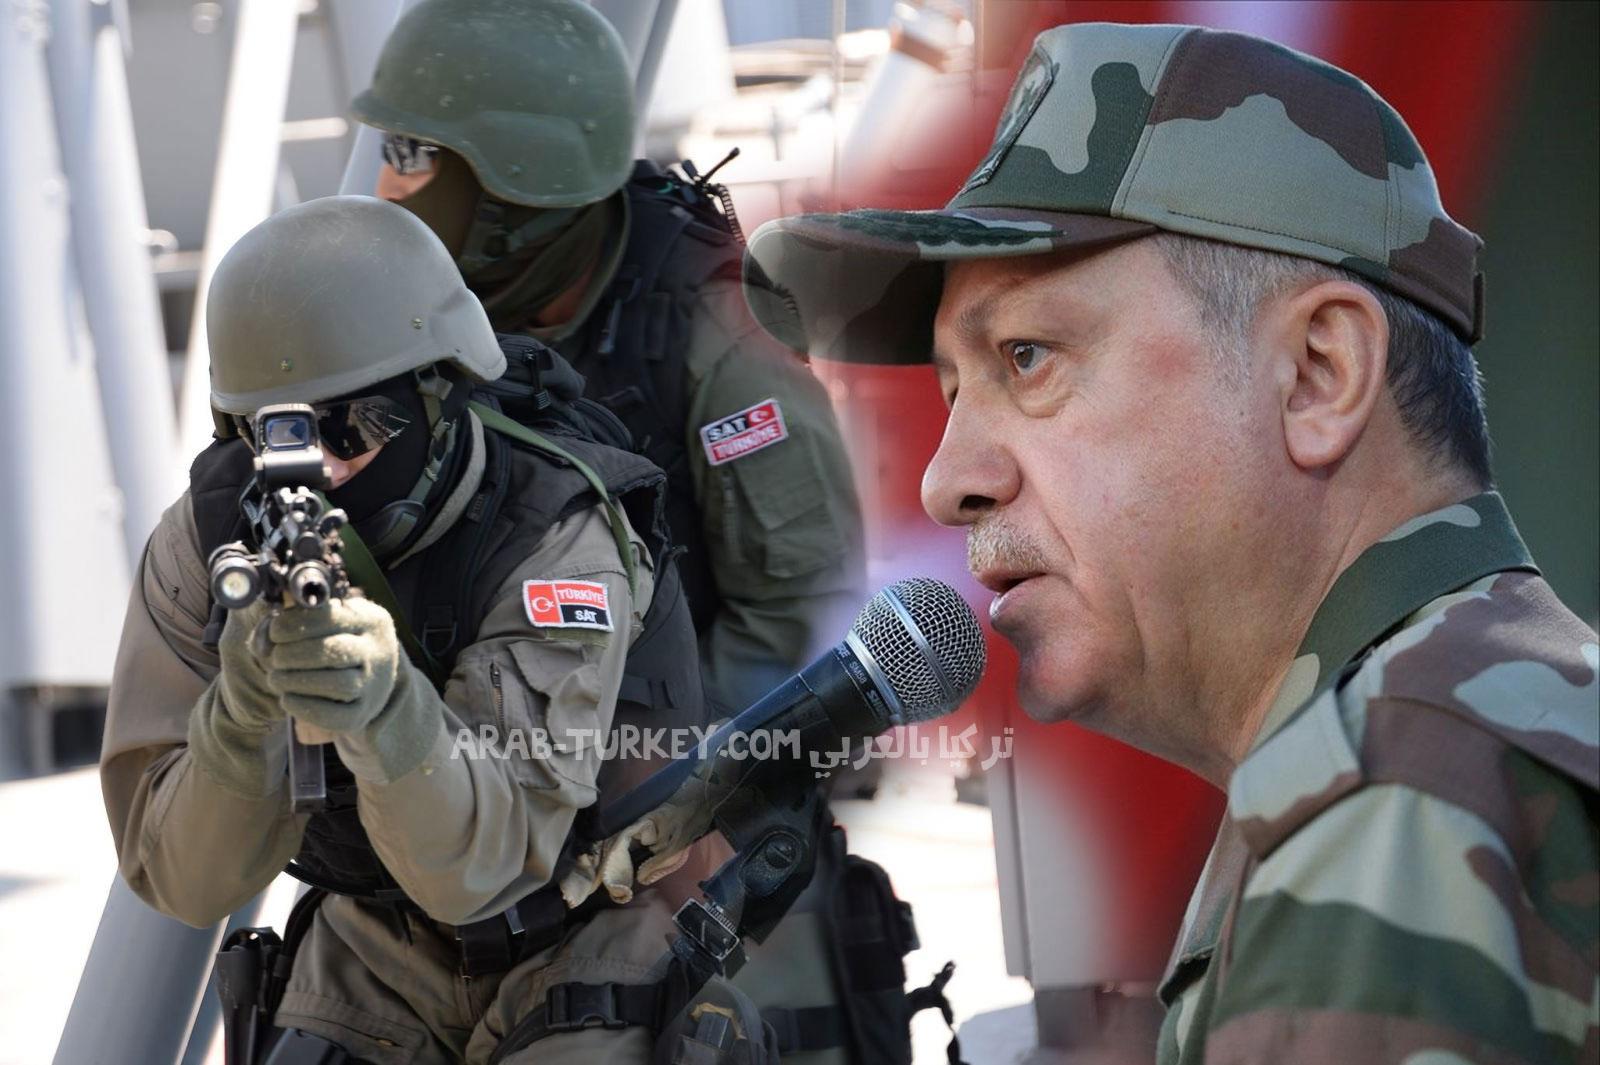 الصحافة التركية تتحدث عن شكل العملية العسكرية التي ستقوم بها تركيا في سوريا قريبا والمناطق التي ستسيطر عليها